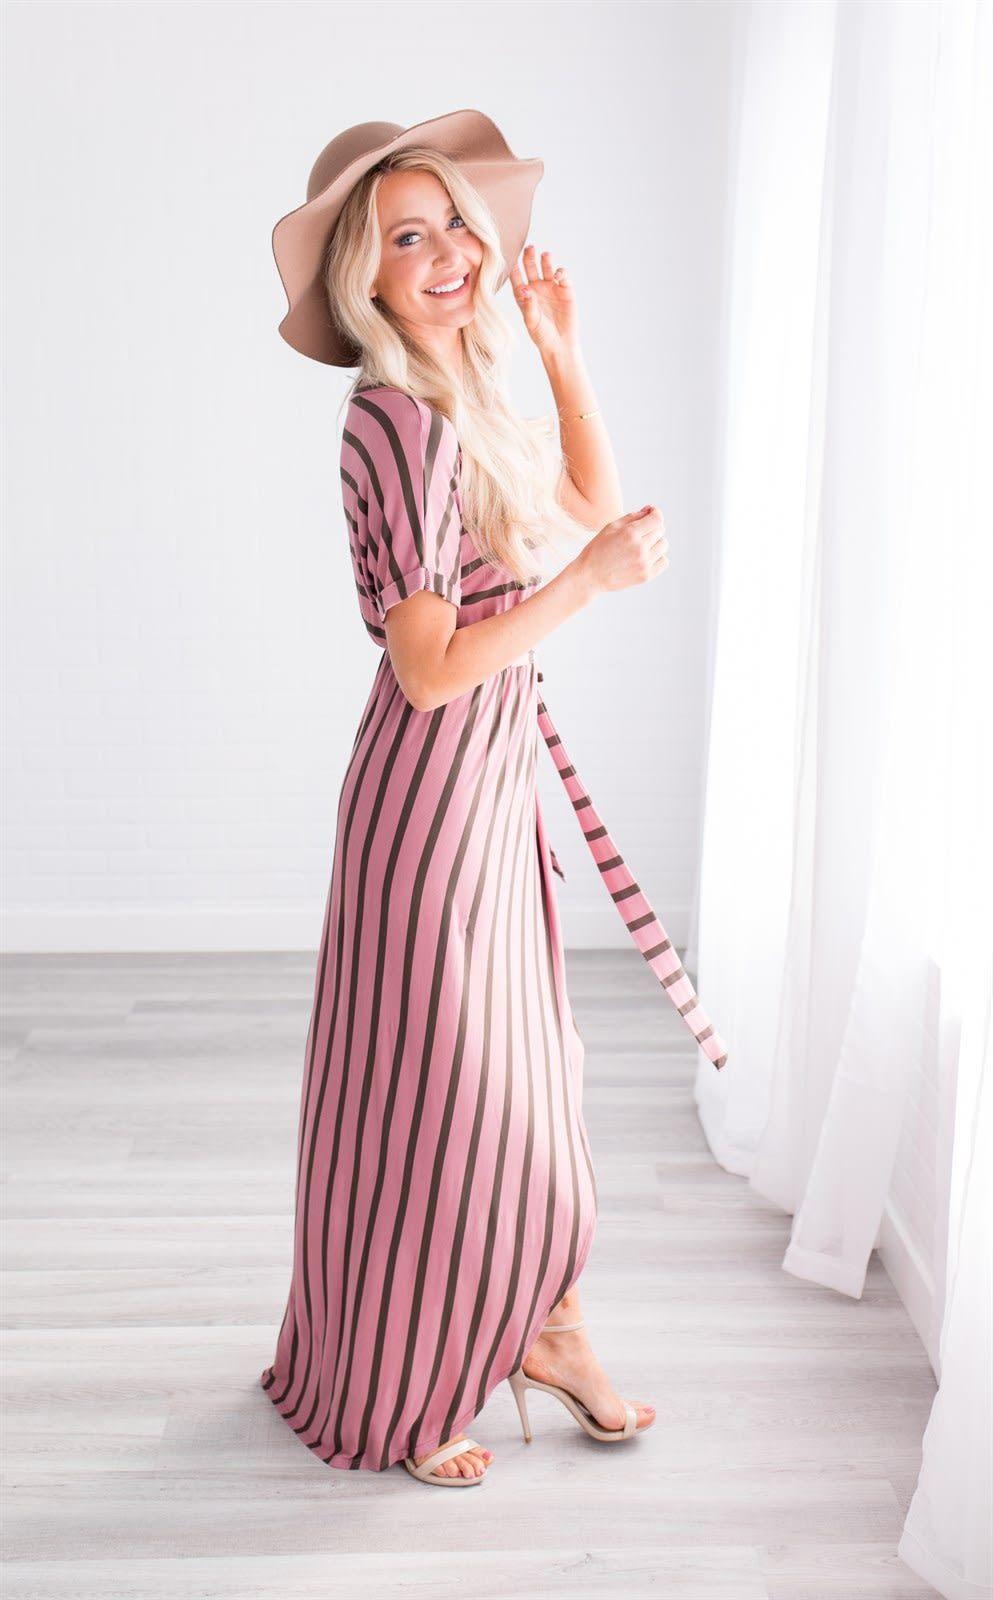 Hayley Striped Wrap Dress Midi Dress With Sleeves Dresses Wrap Dress [ 1600 x 993 Pixel ]